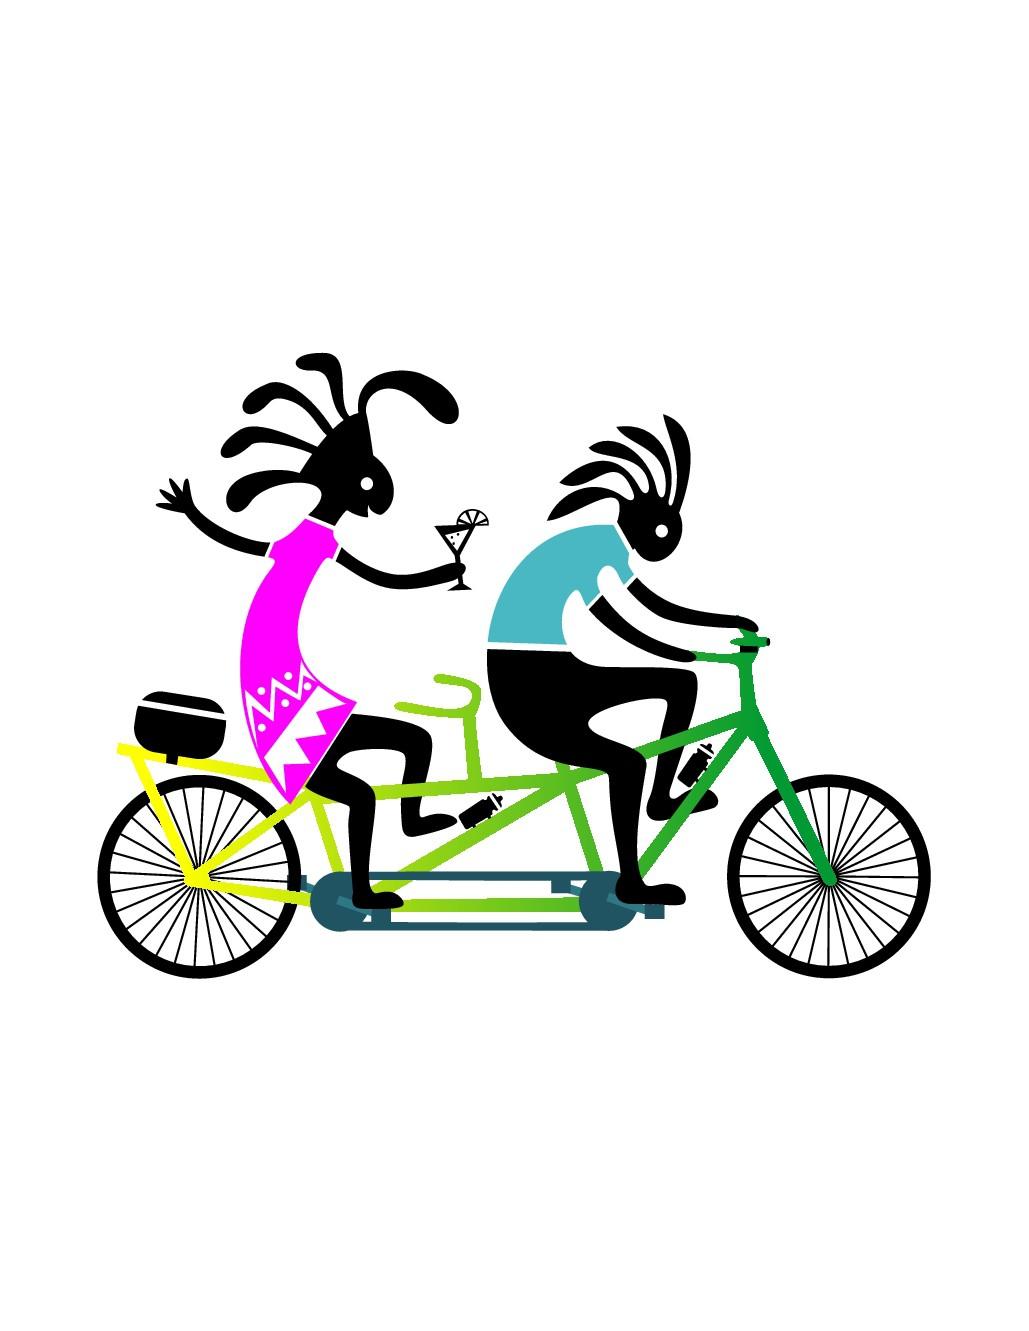 Fun tandem bike logo with kokopelli on bike